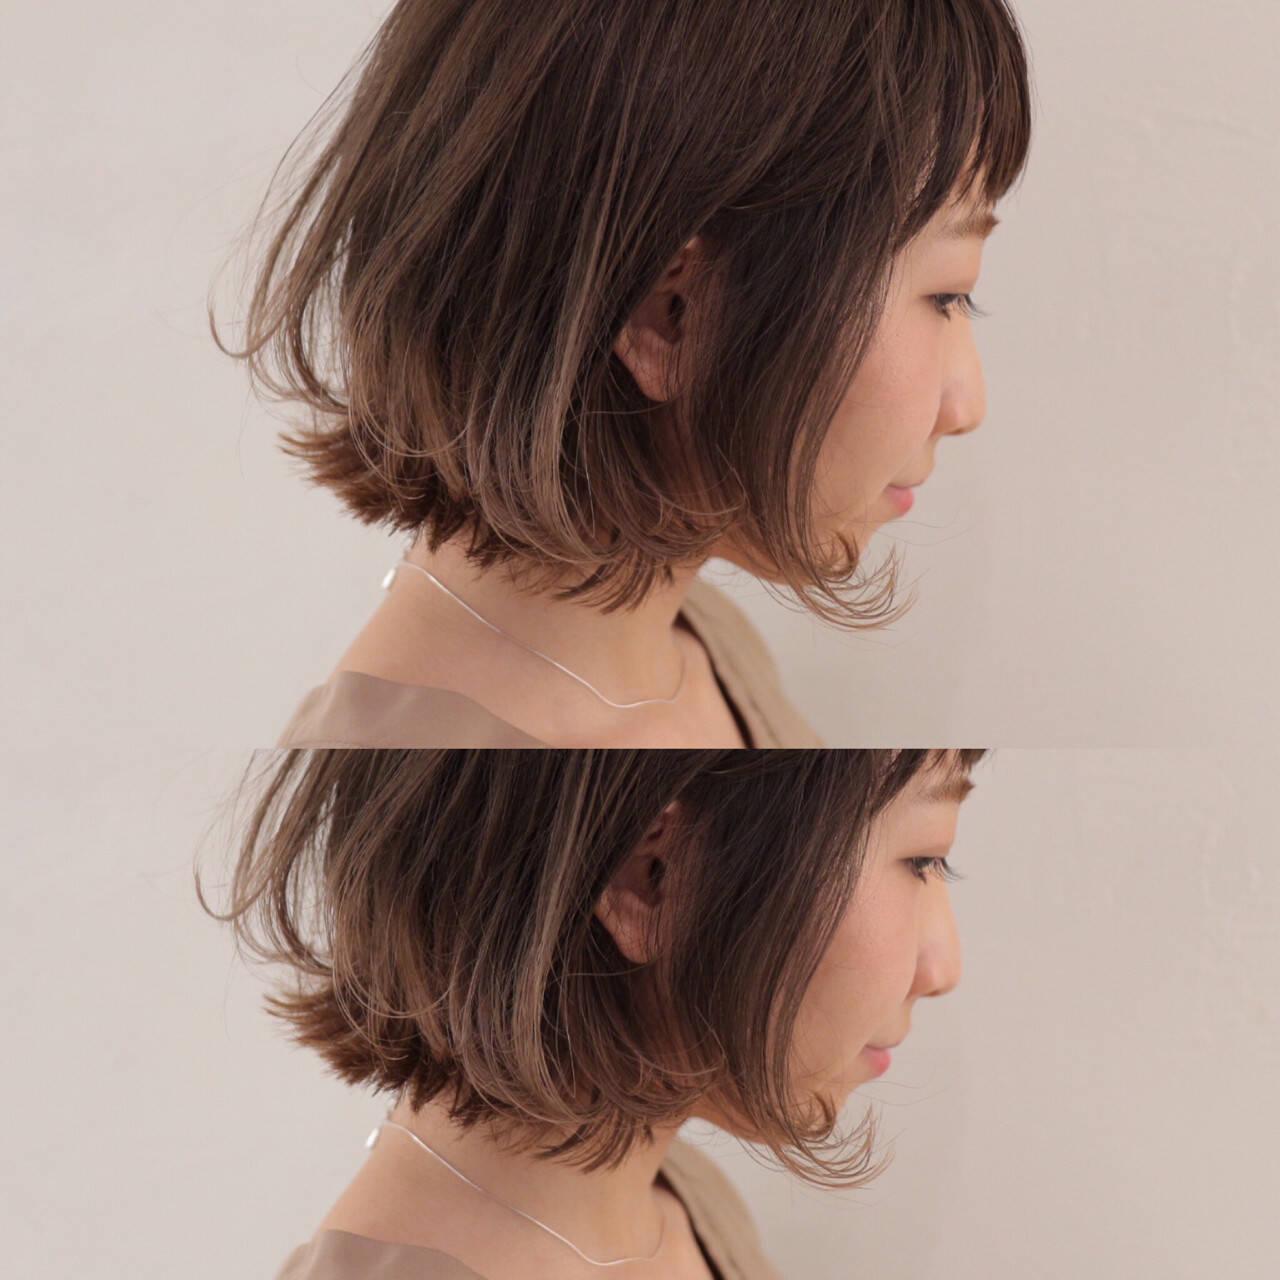 ハイライト グラデーションカラー ストリート ボブヘアスタイルや髪型の写真・画像